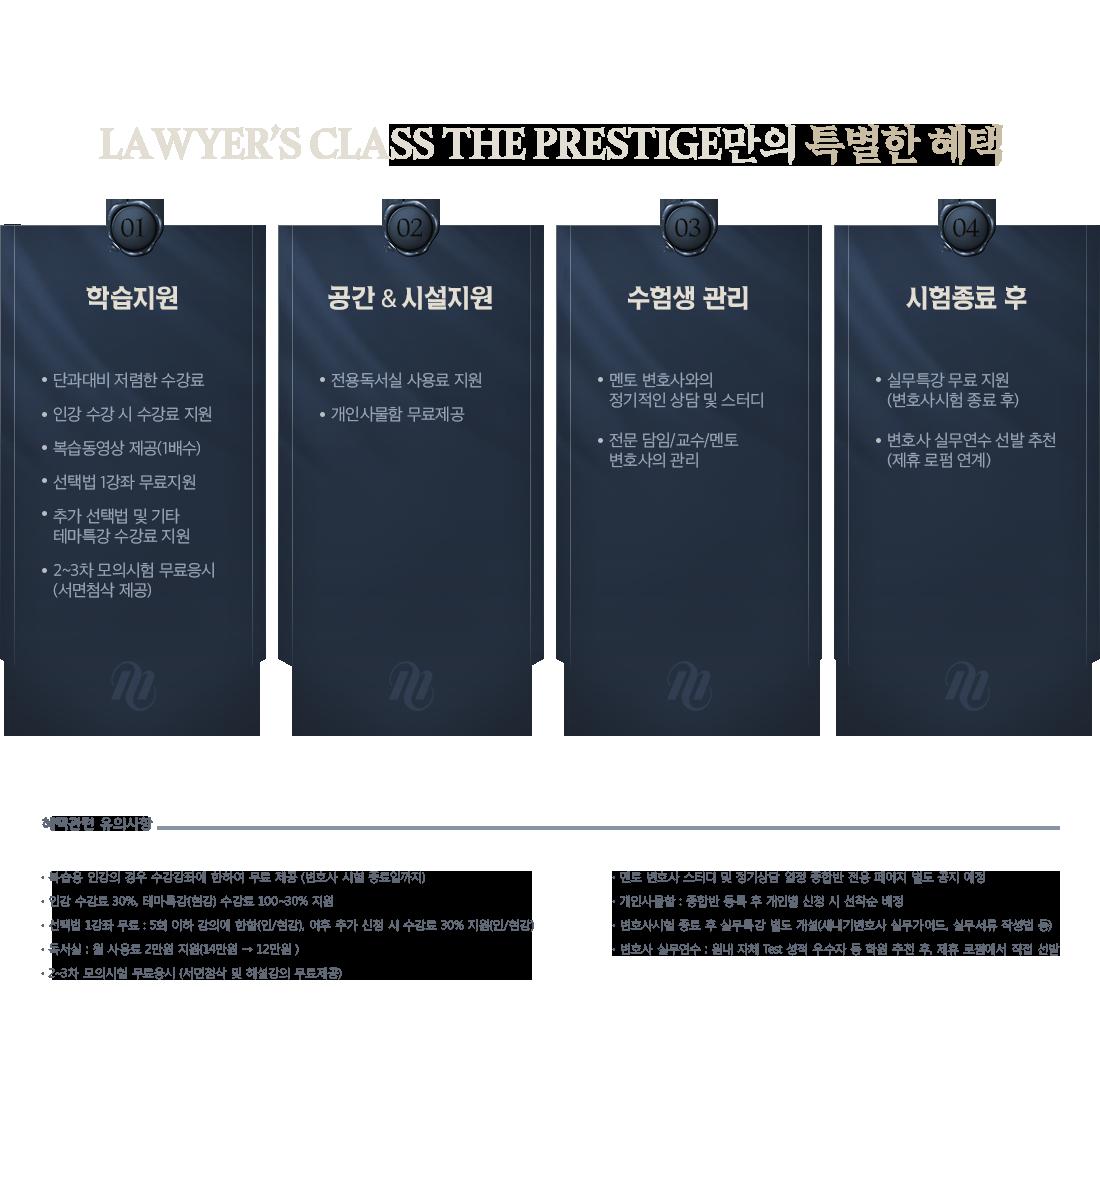 Lawyer's Class The Prestige만의 특별한 혜택